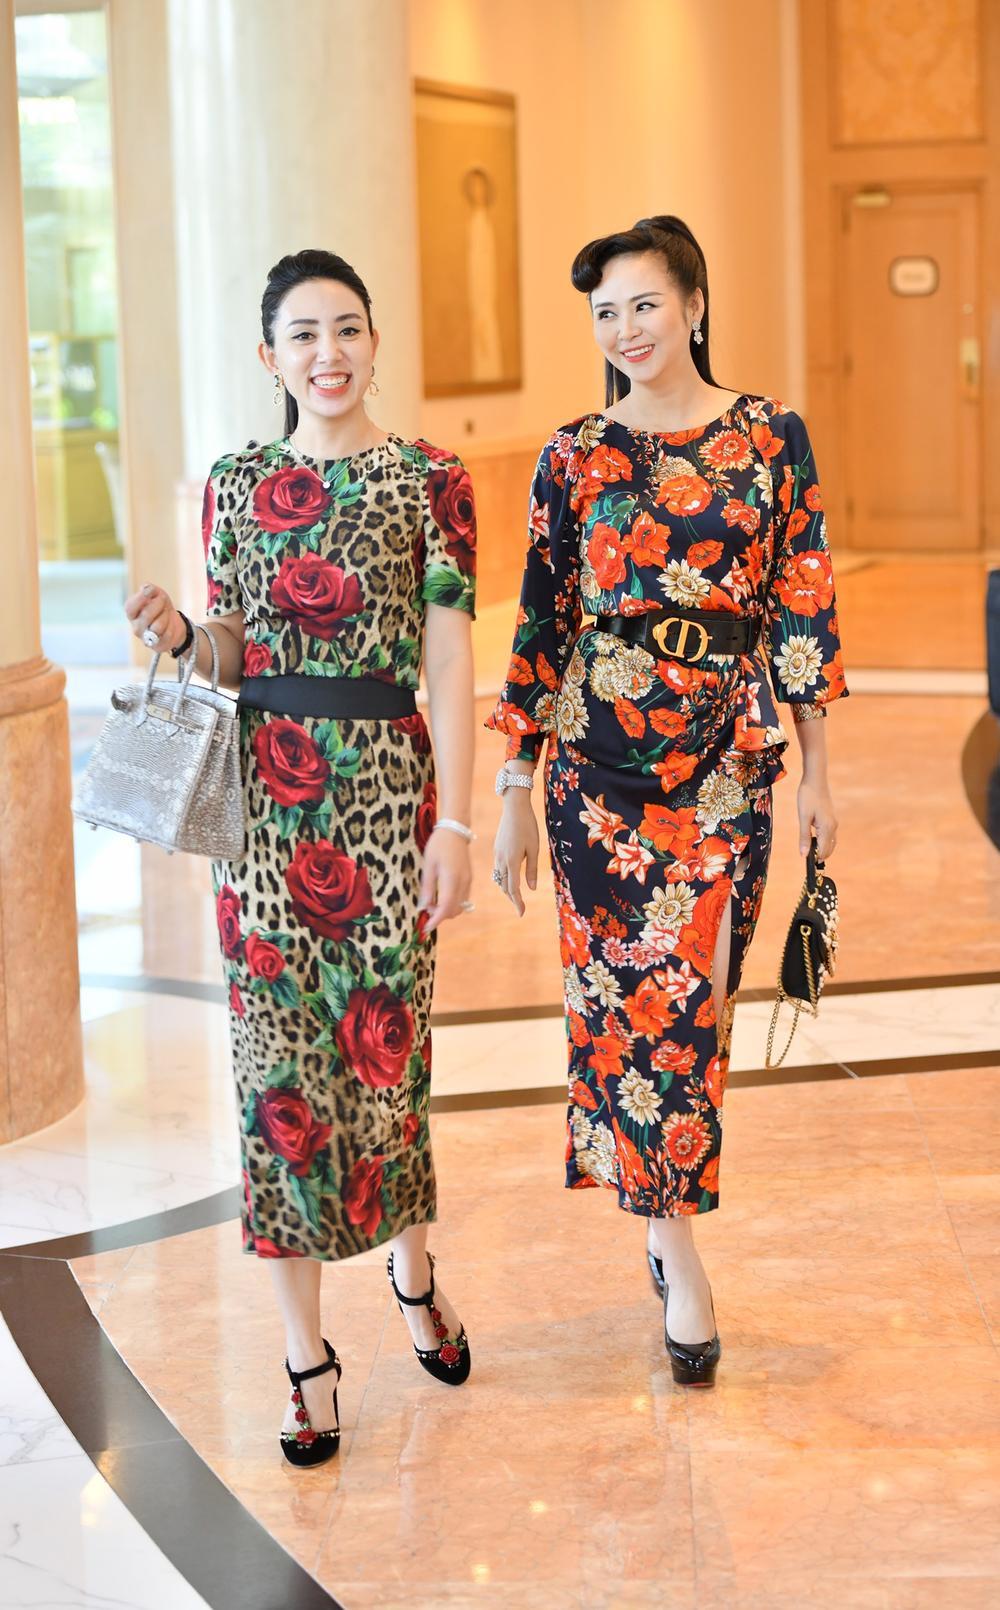 Phạm Quỳnh - Nữ doanh nhân sở hữu gout thời trang ấn tượng không kém fashionista Ảnh 4